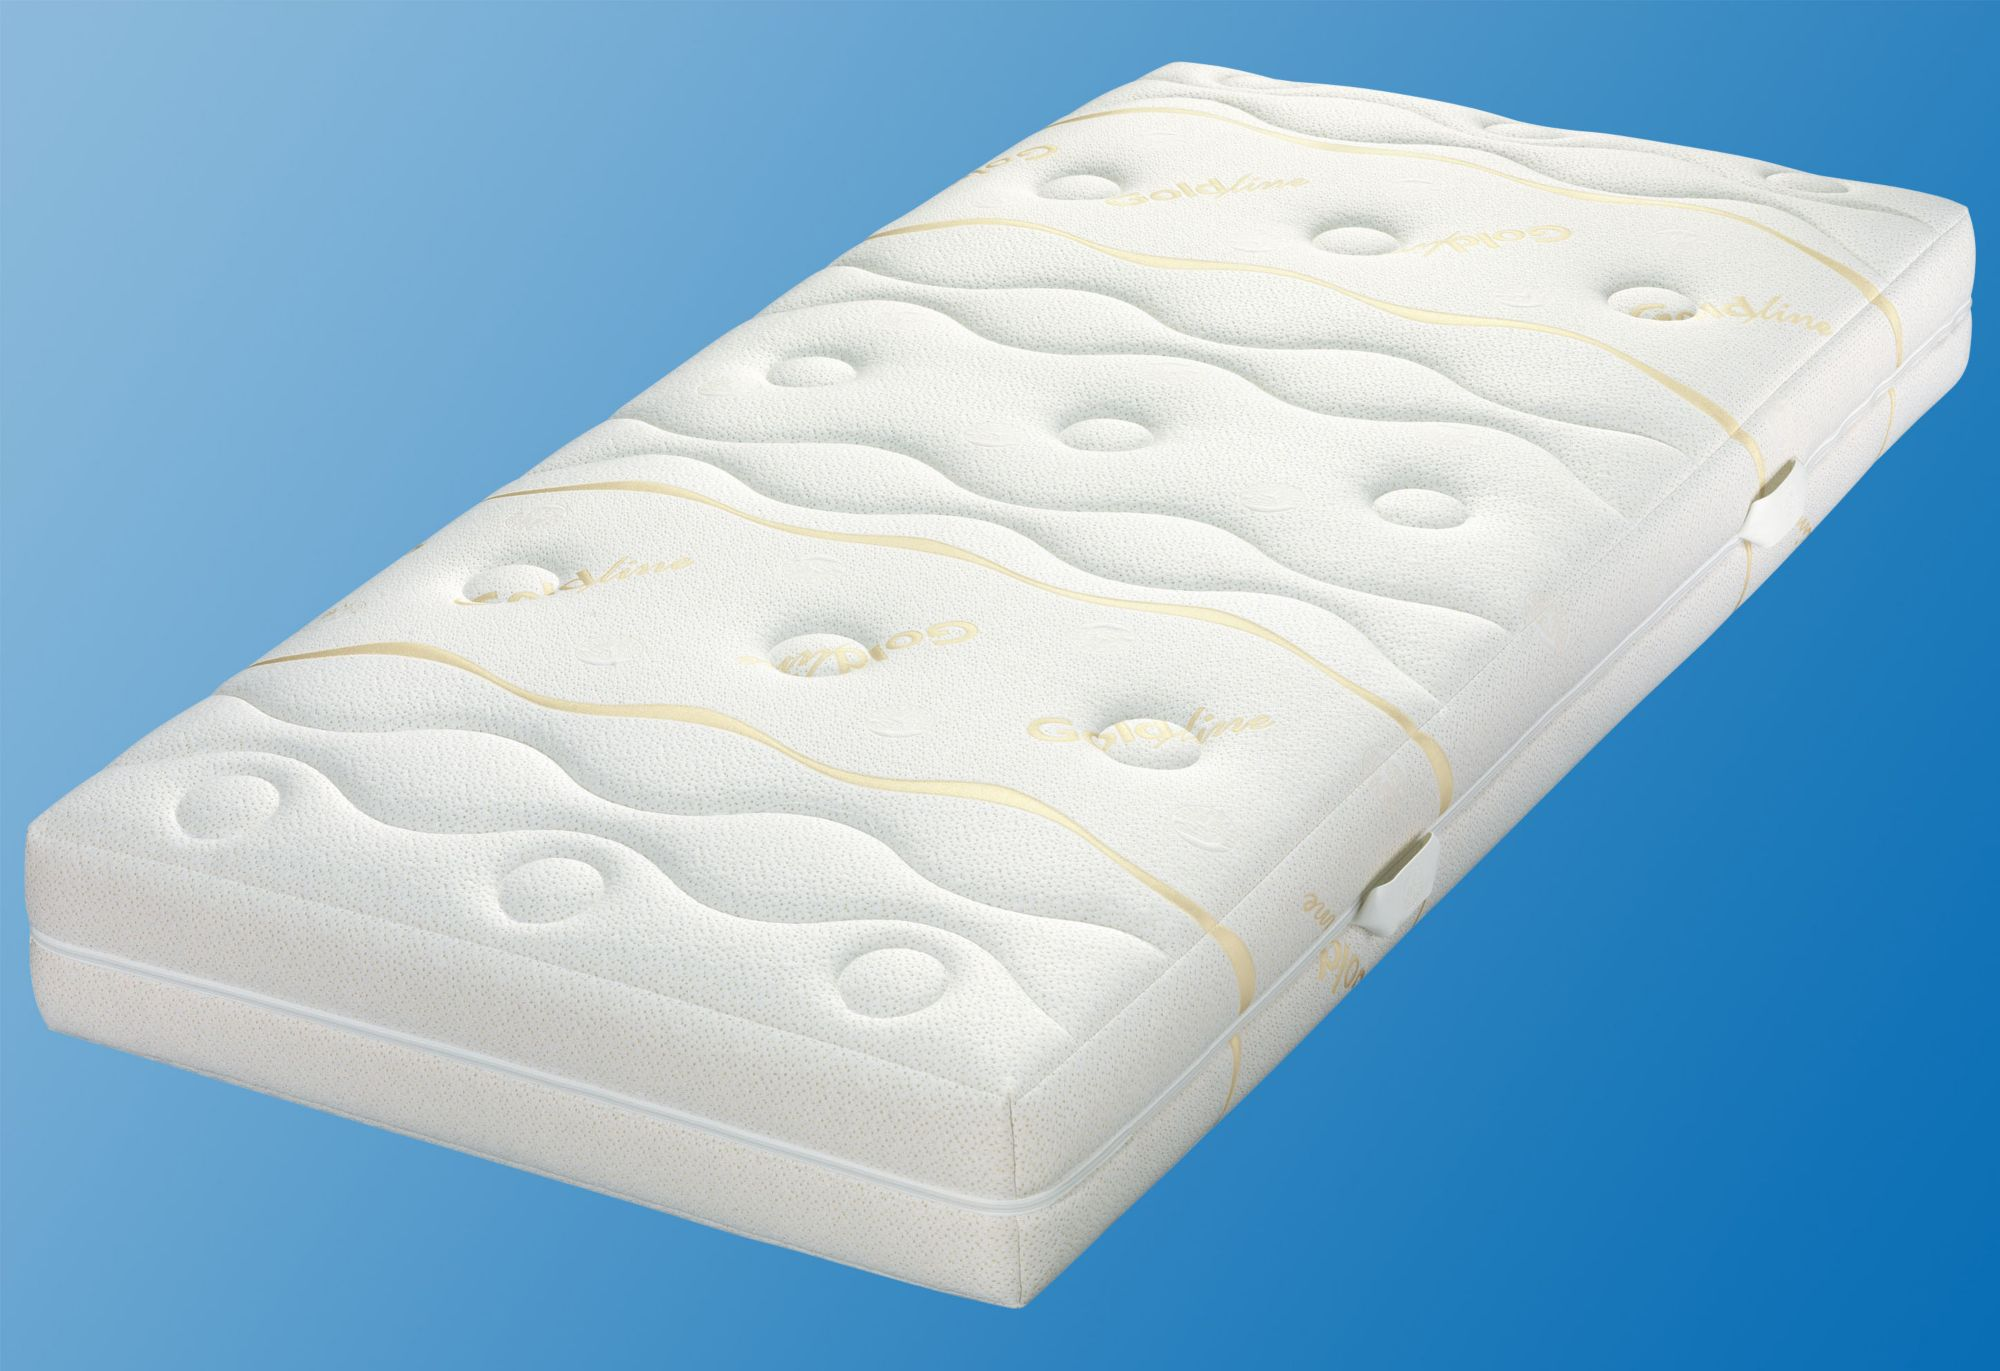 taschenfederkernmatratze carat 600 schlaraffia. Black Bedroom Furniture Sets. Home Design Ideas